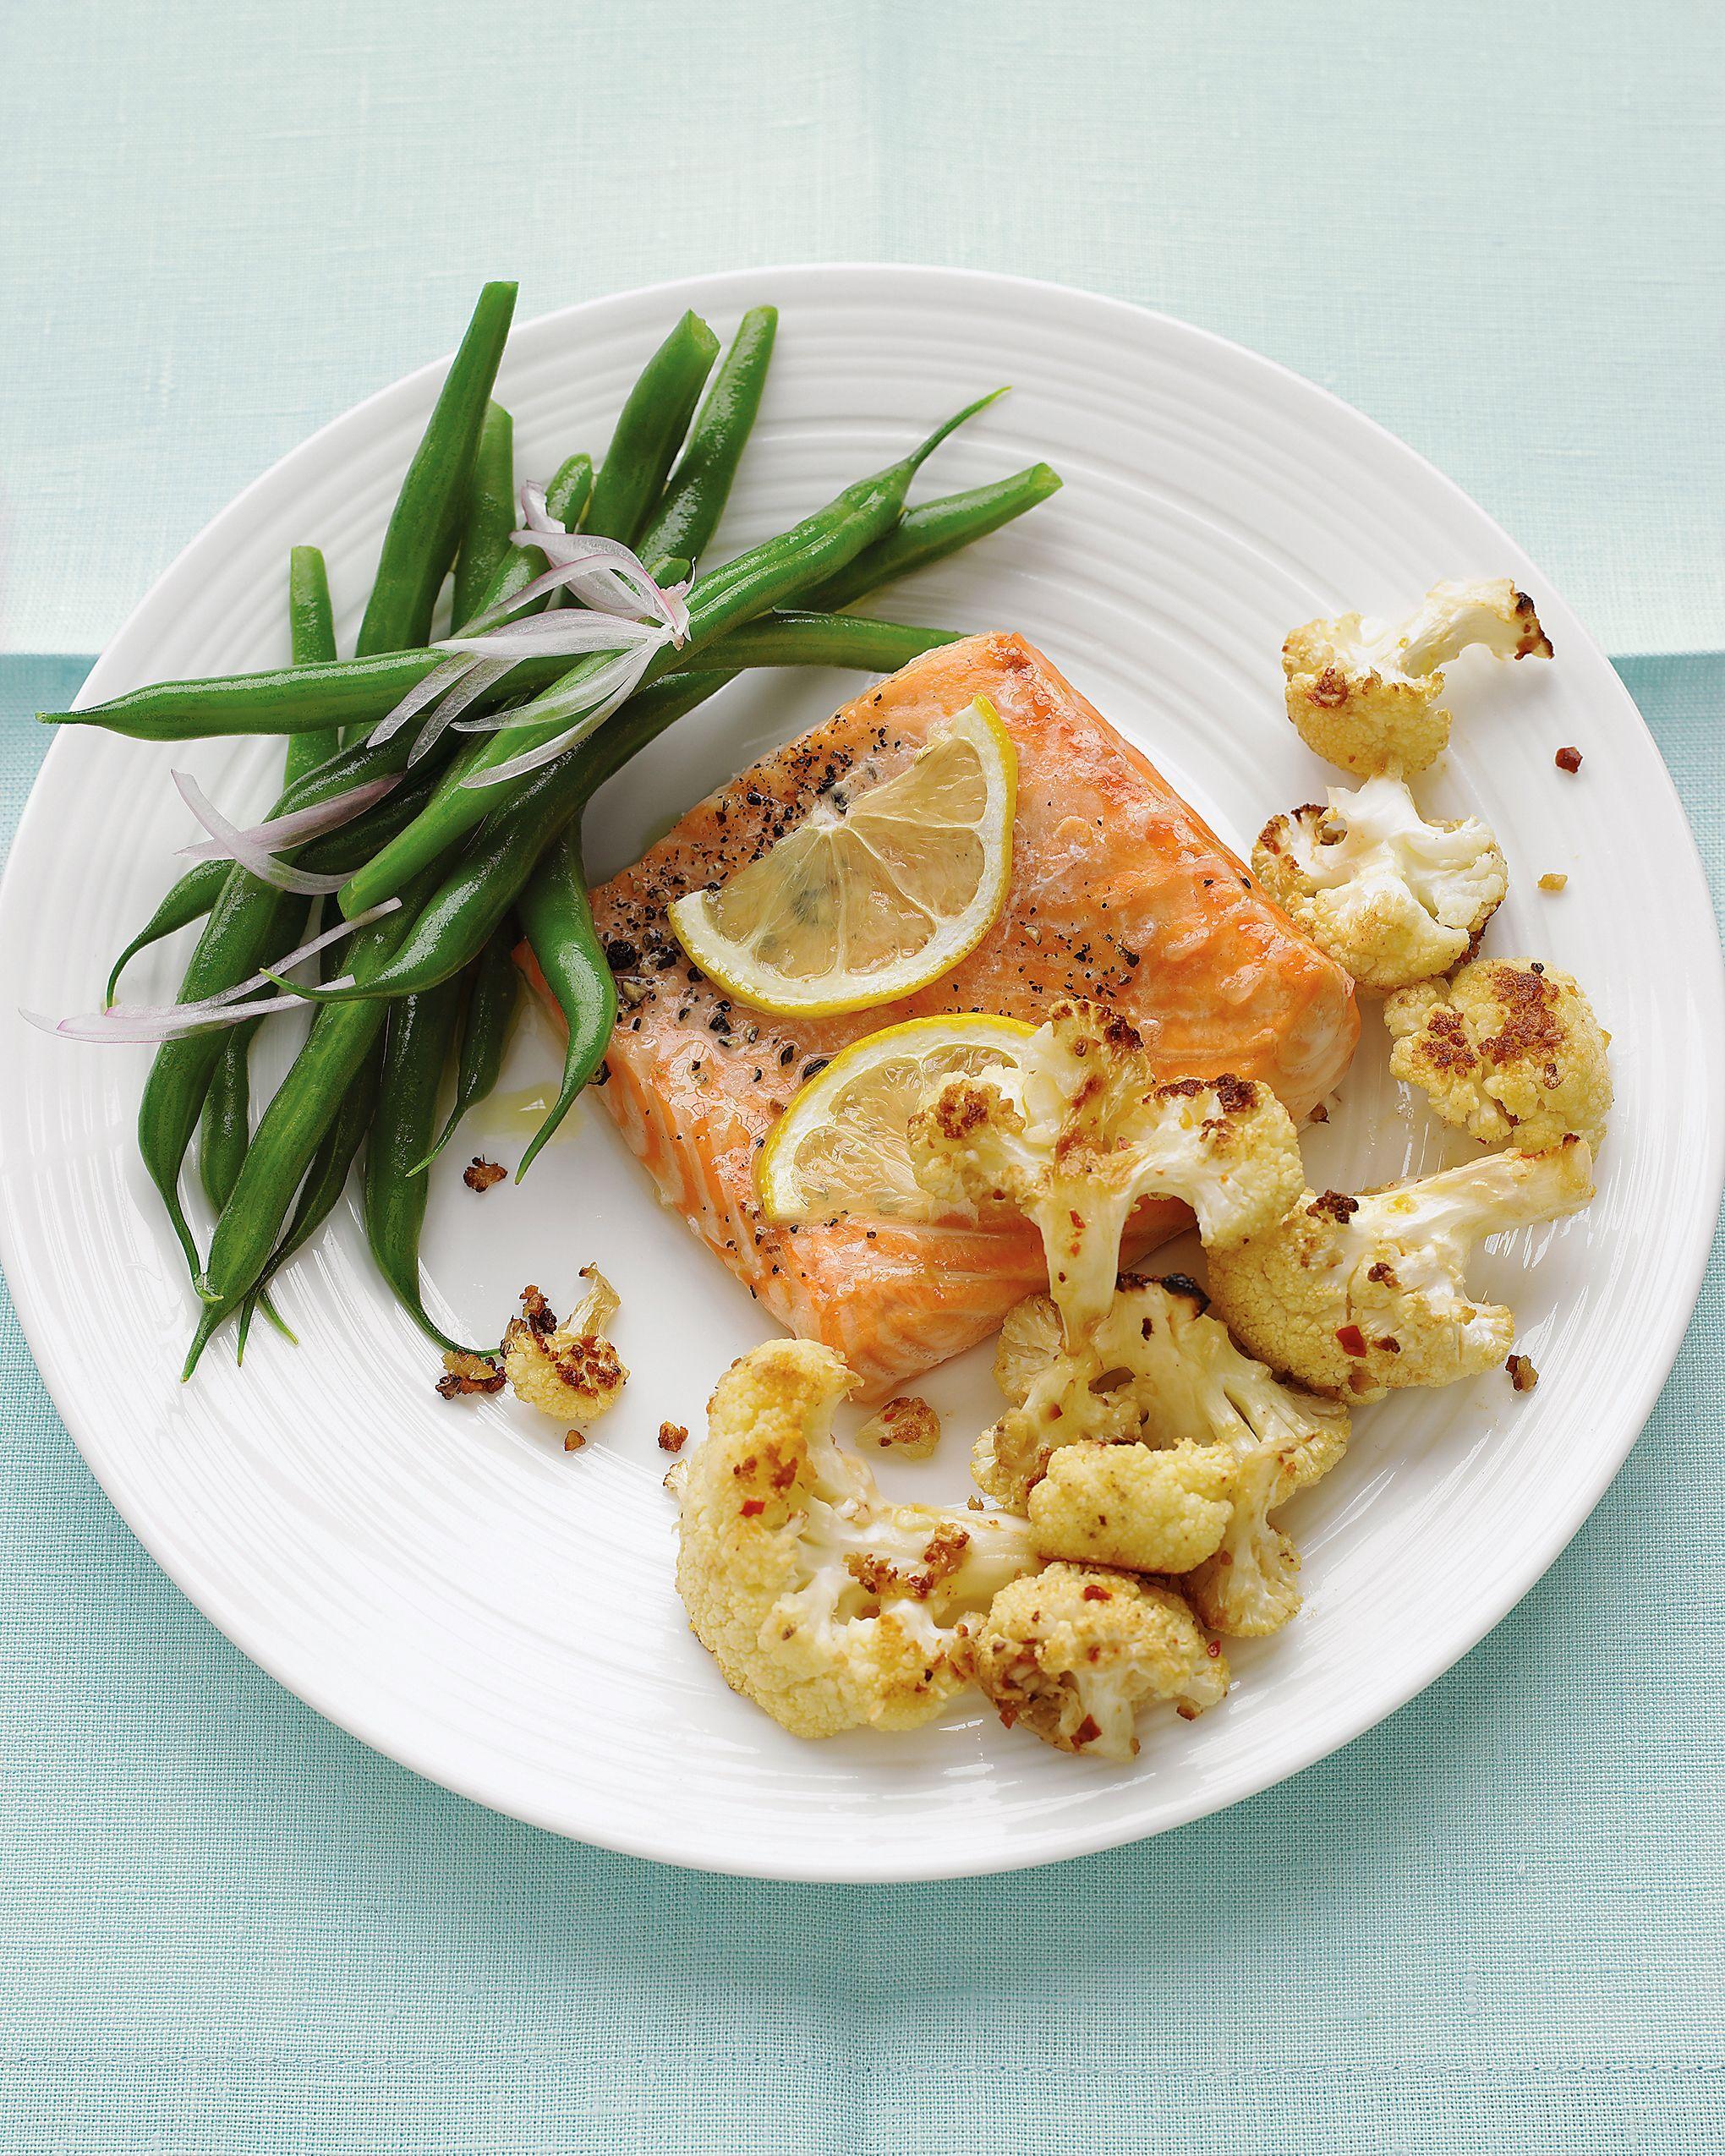 Roasted salmon with spicy cauliflower receta cocinar for Cocinar comida sana